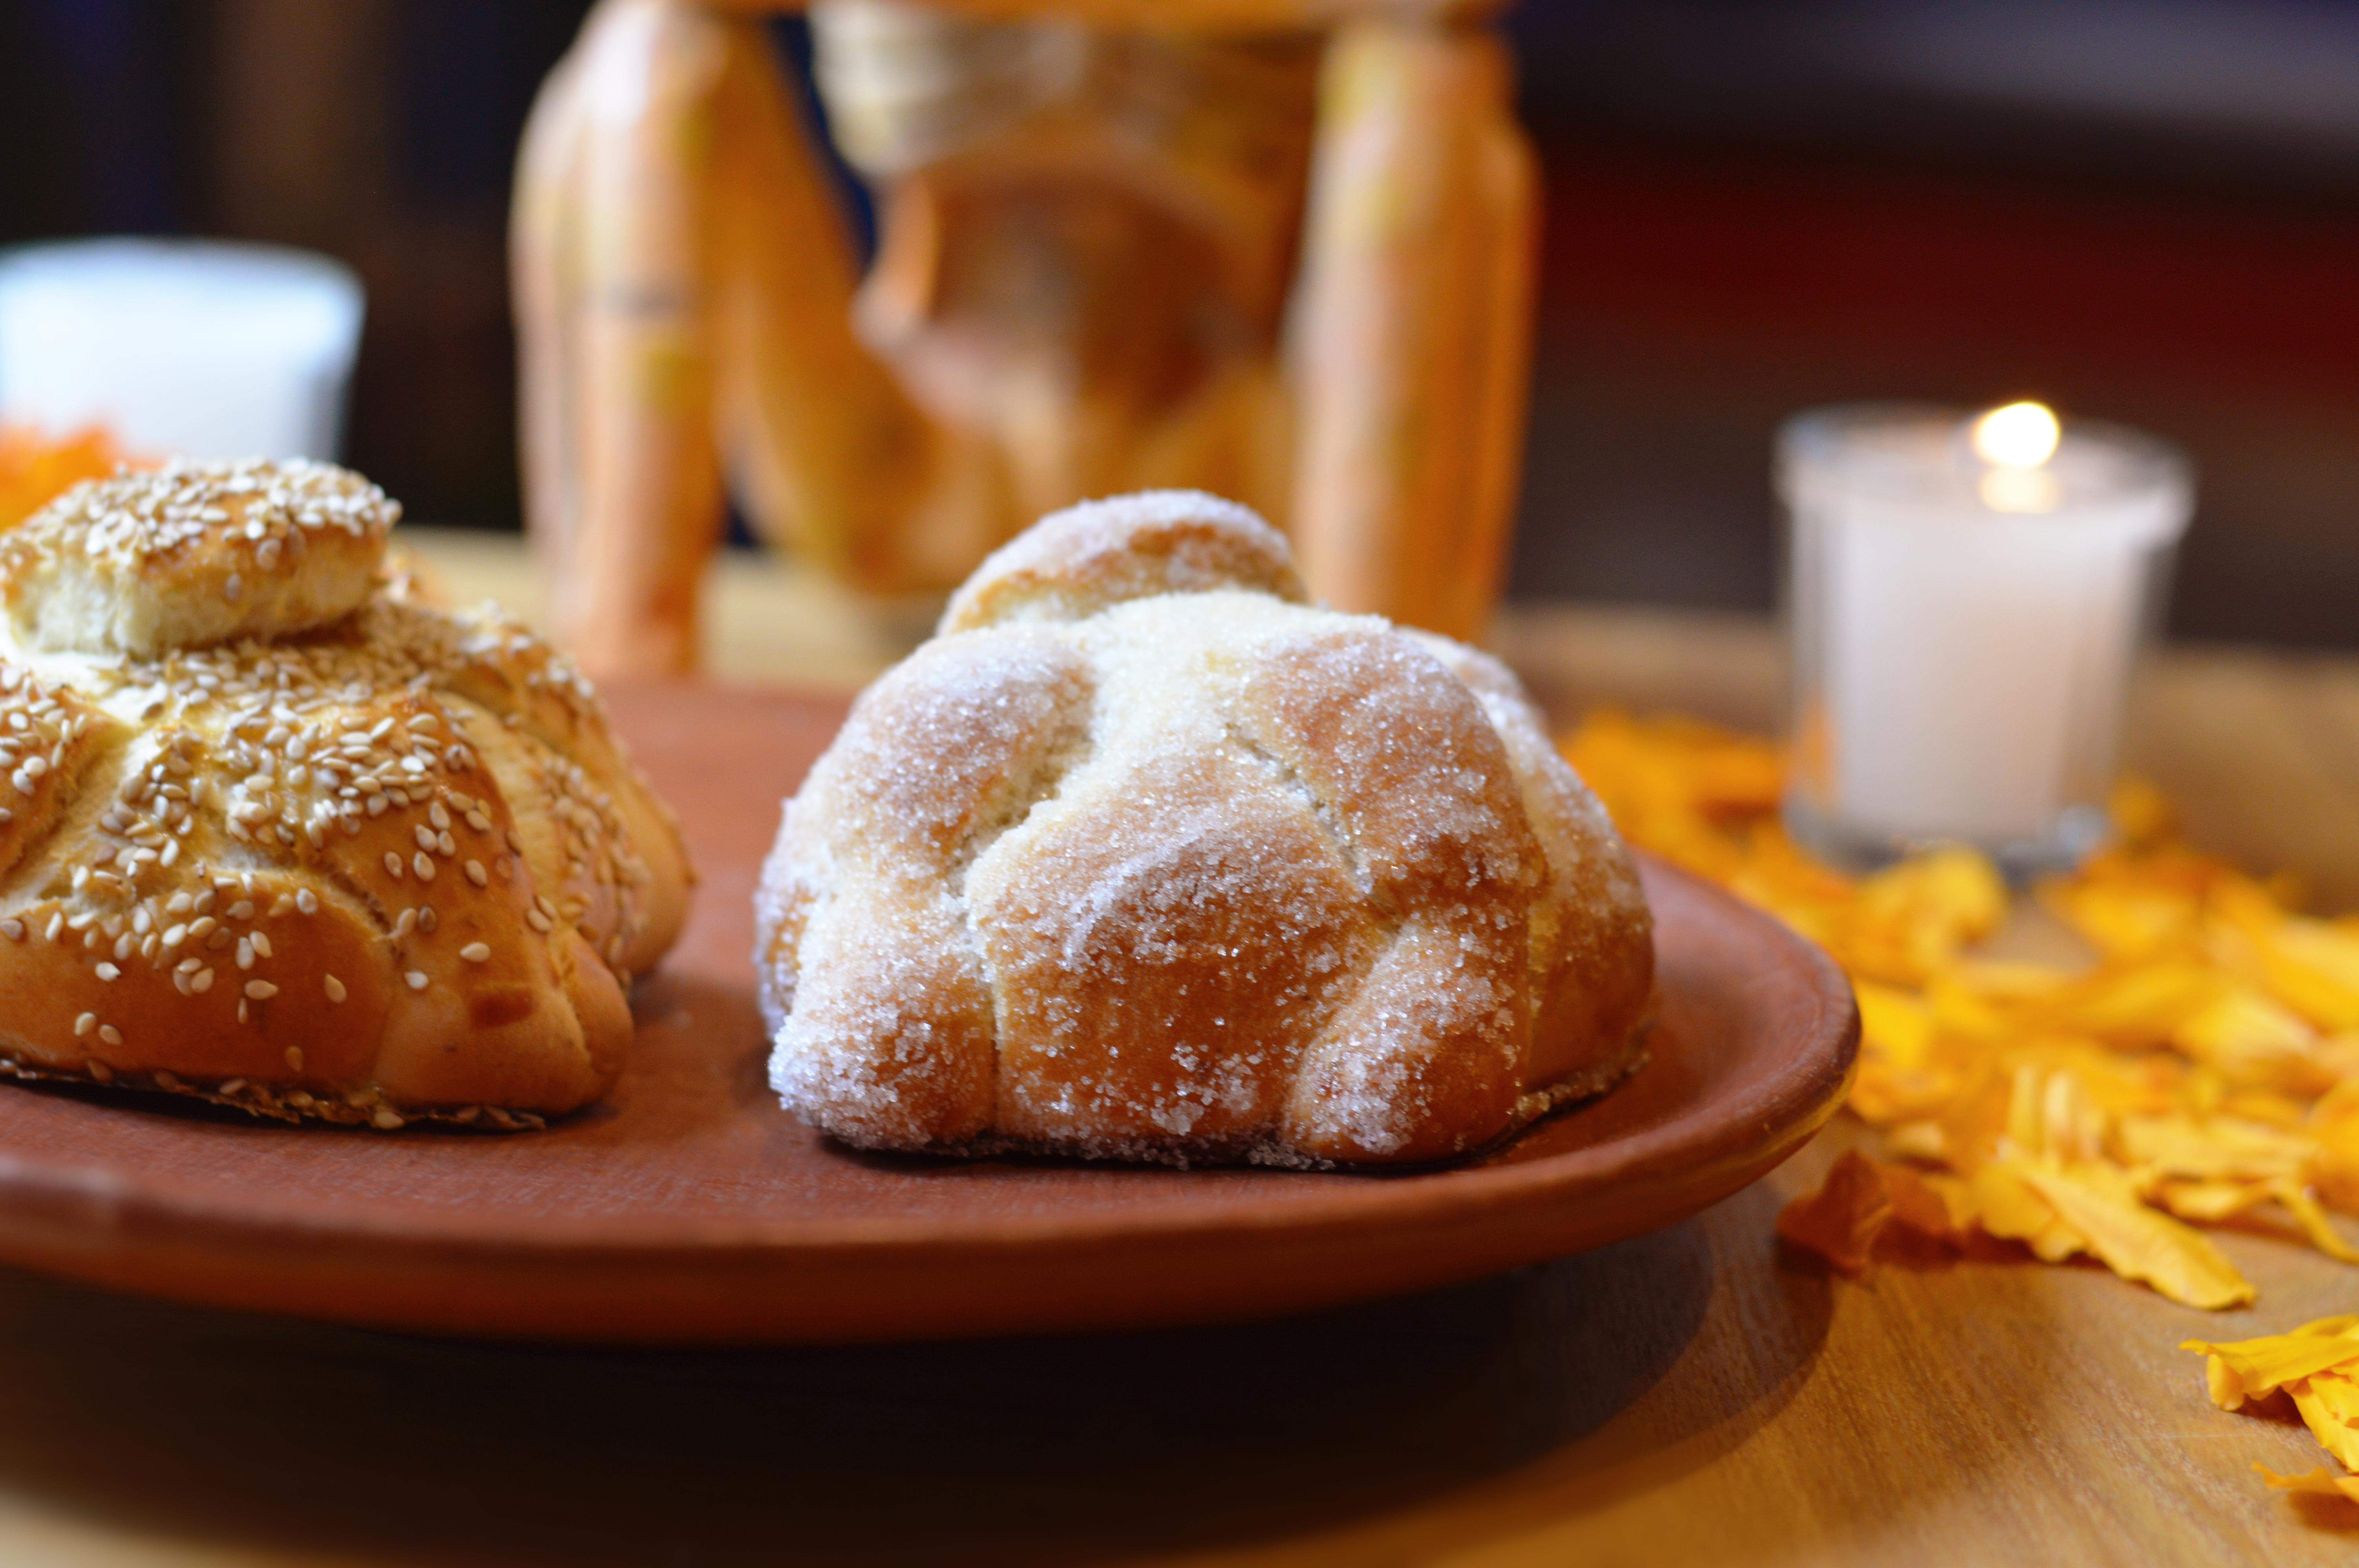 Pan de muerto y veladoras, lo más comprado por los hogares mexicanos: Kantar